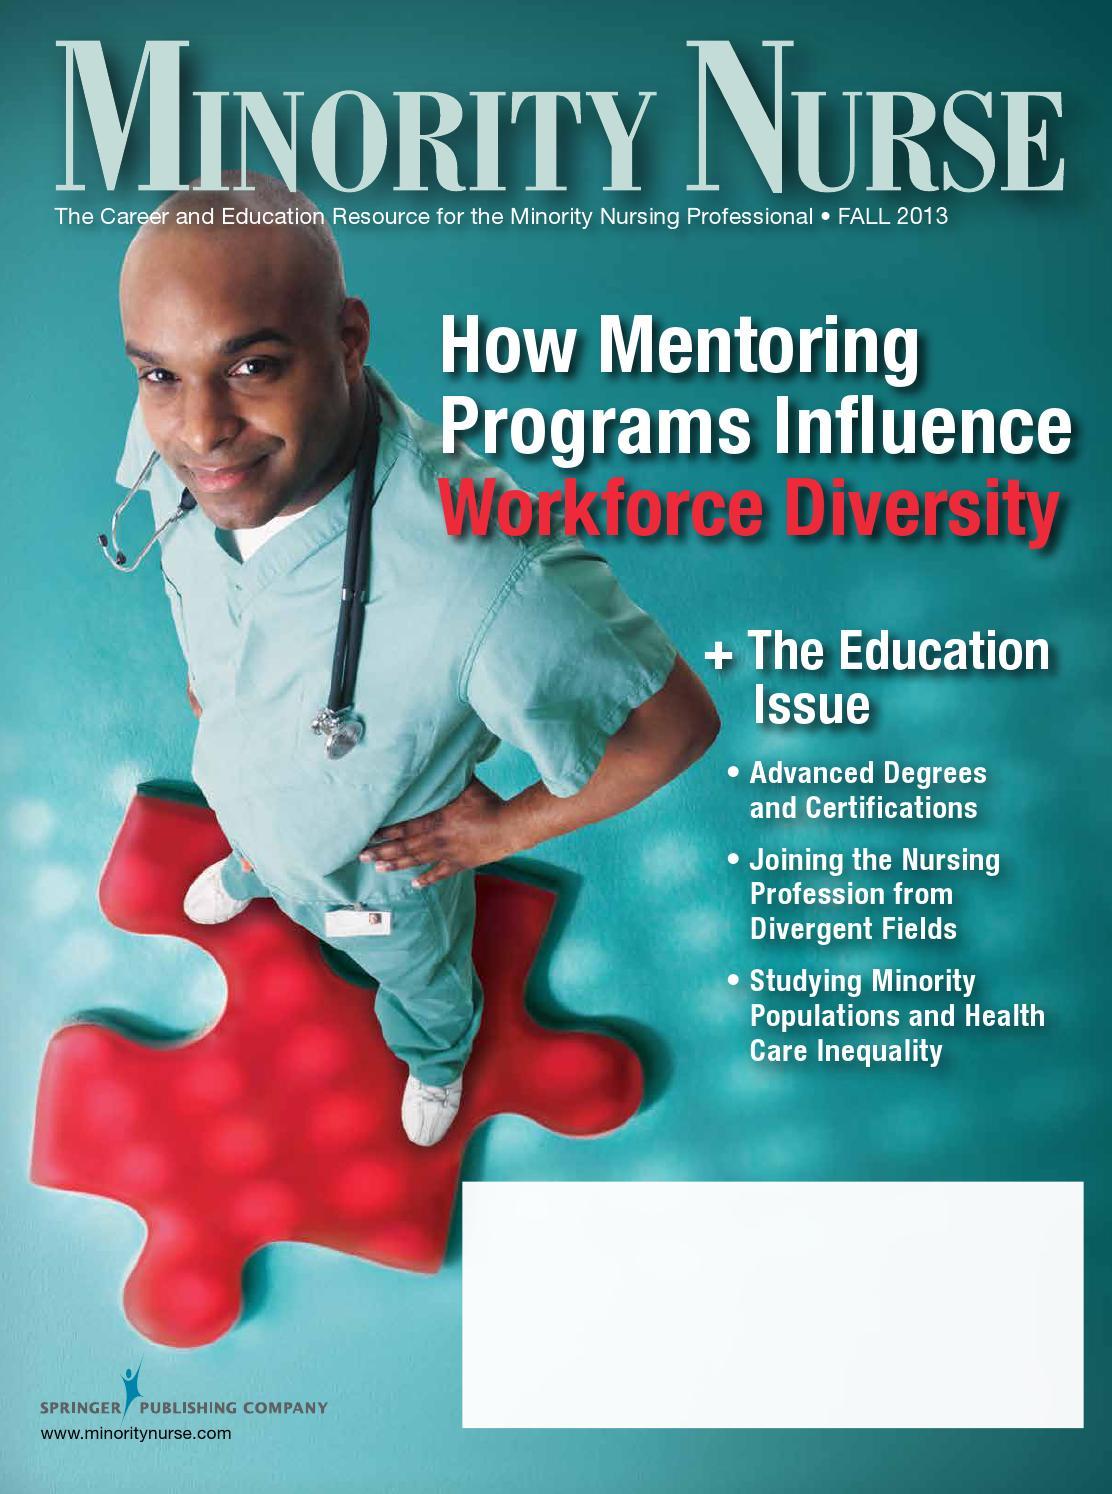 Minority Nurse Magazine Fall 2013 By Springer Publishing